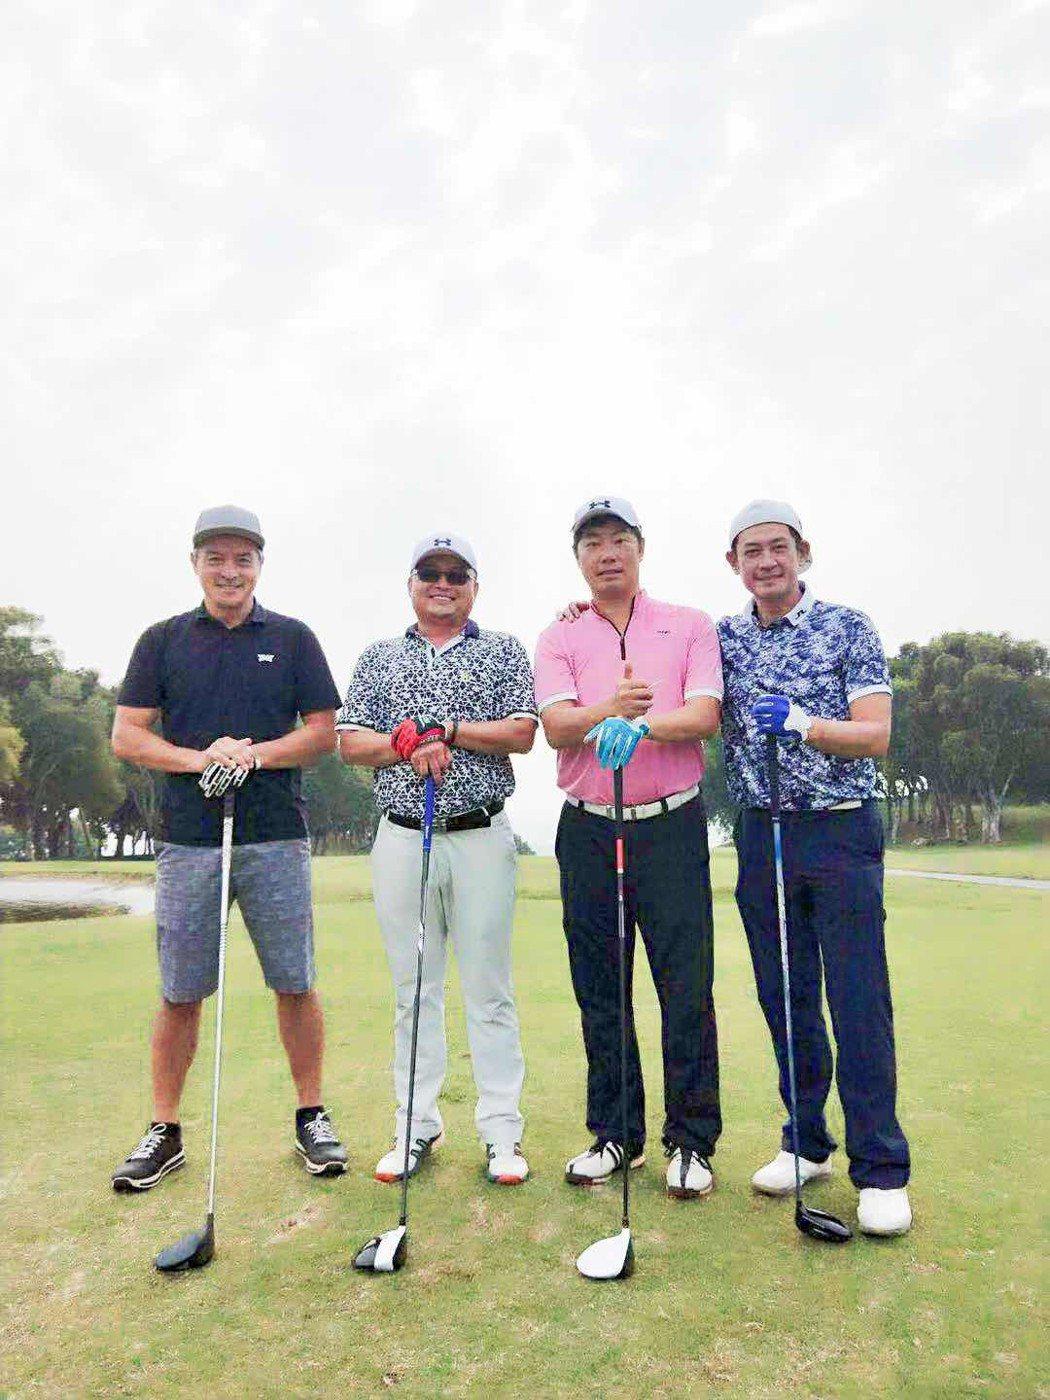 李銘順(左)來台拍戲,開心找到高爾夫球球友柯叔元(右)一起打球。圖/凱渥提供